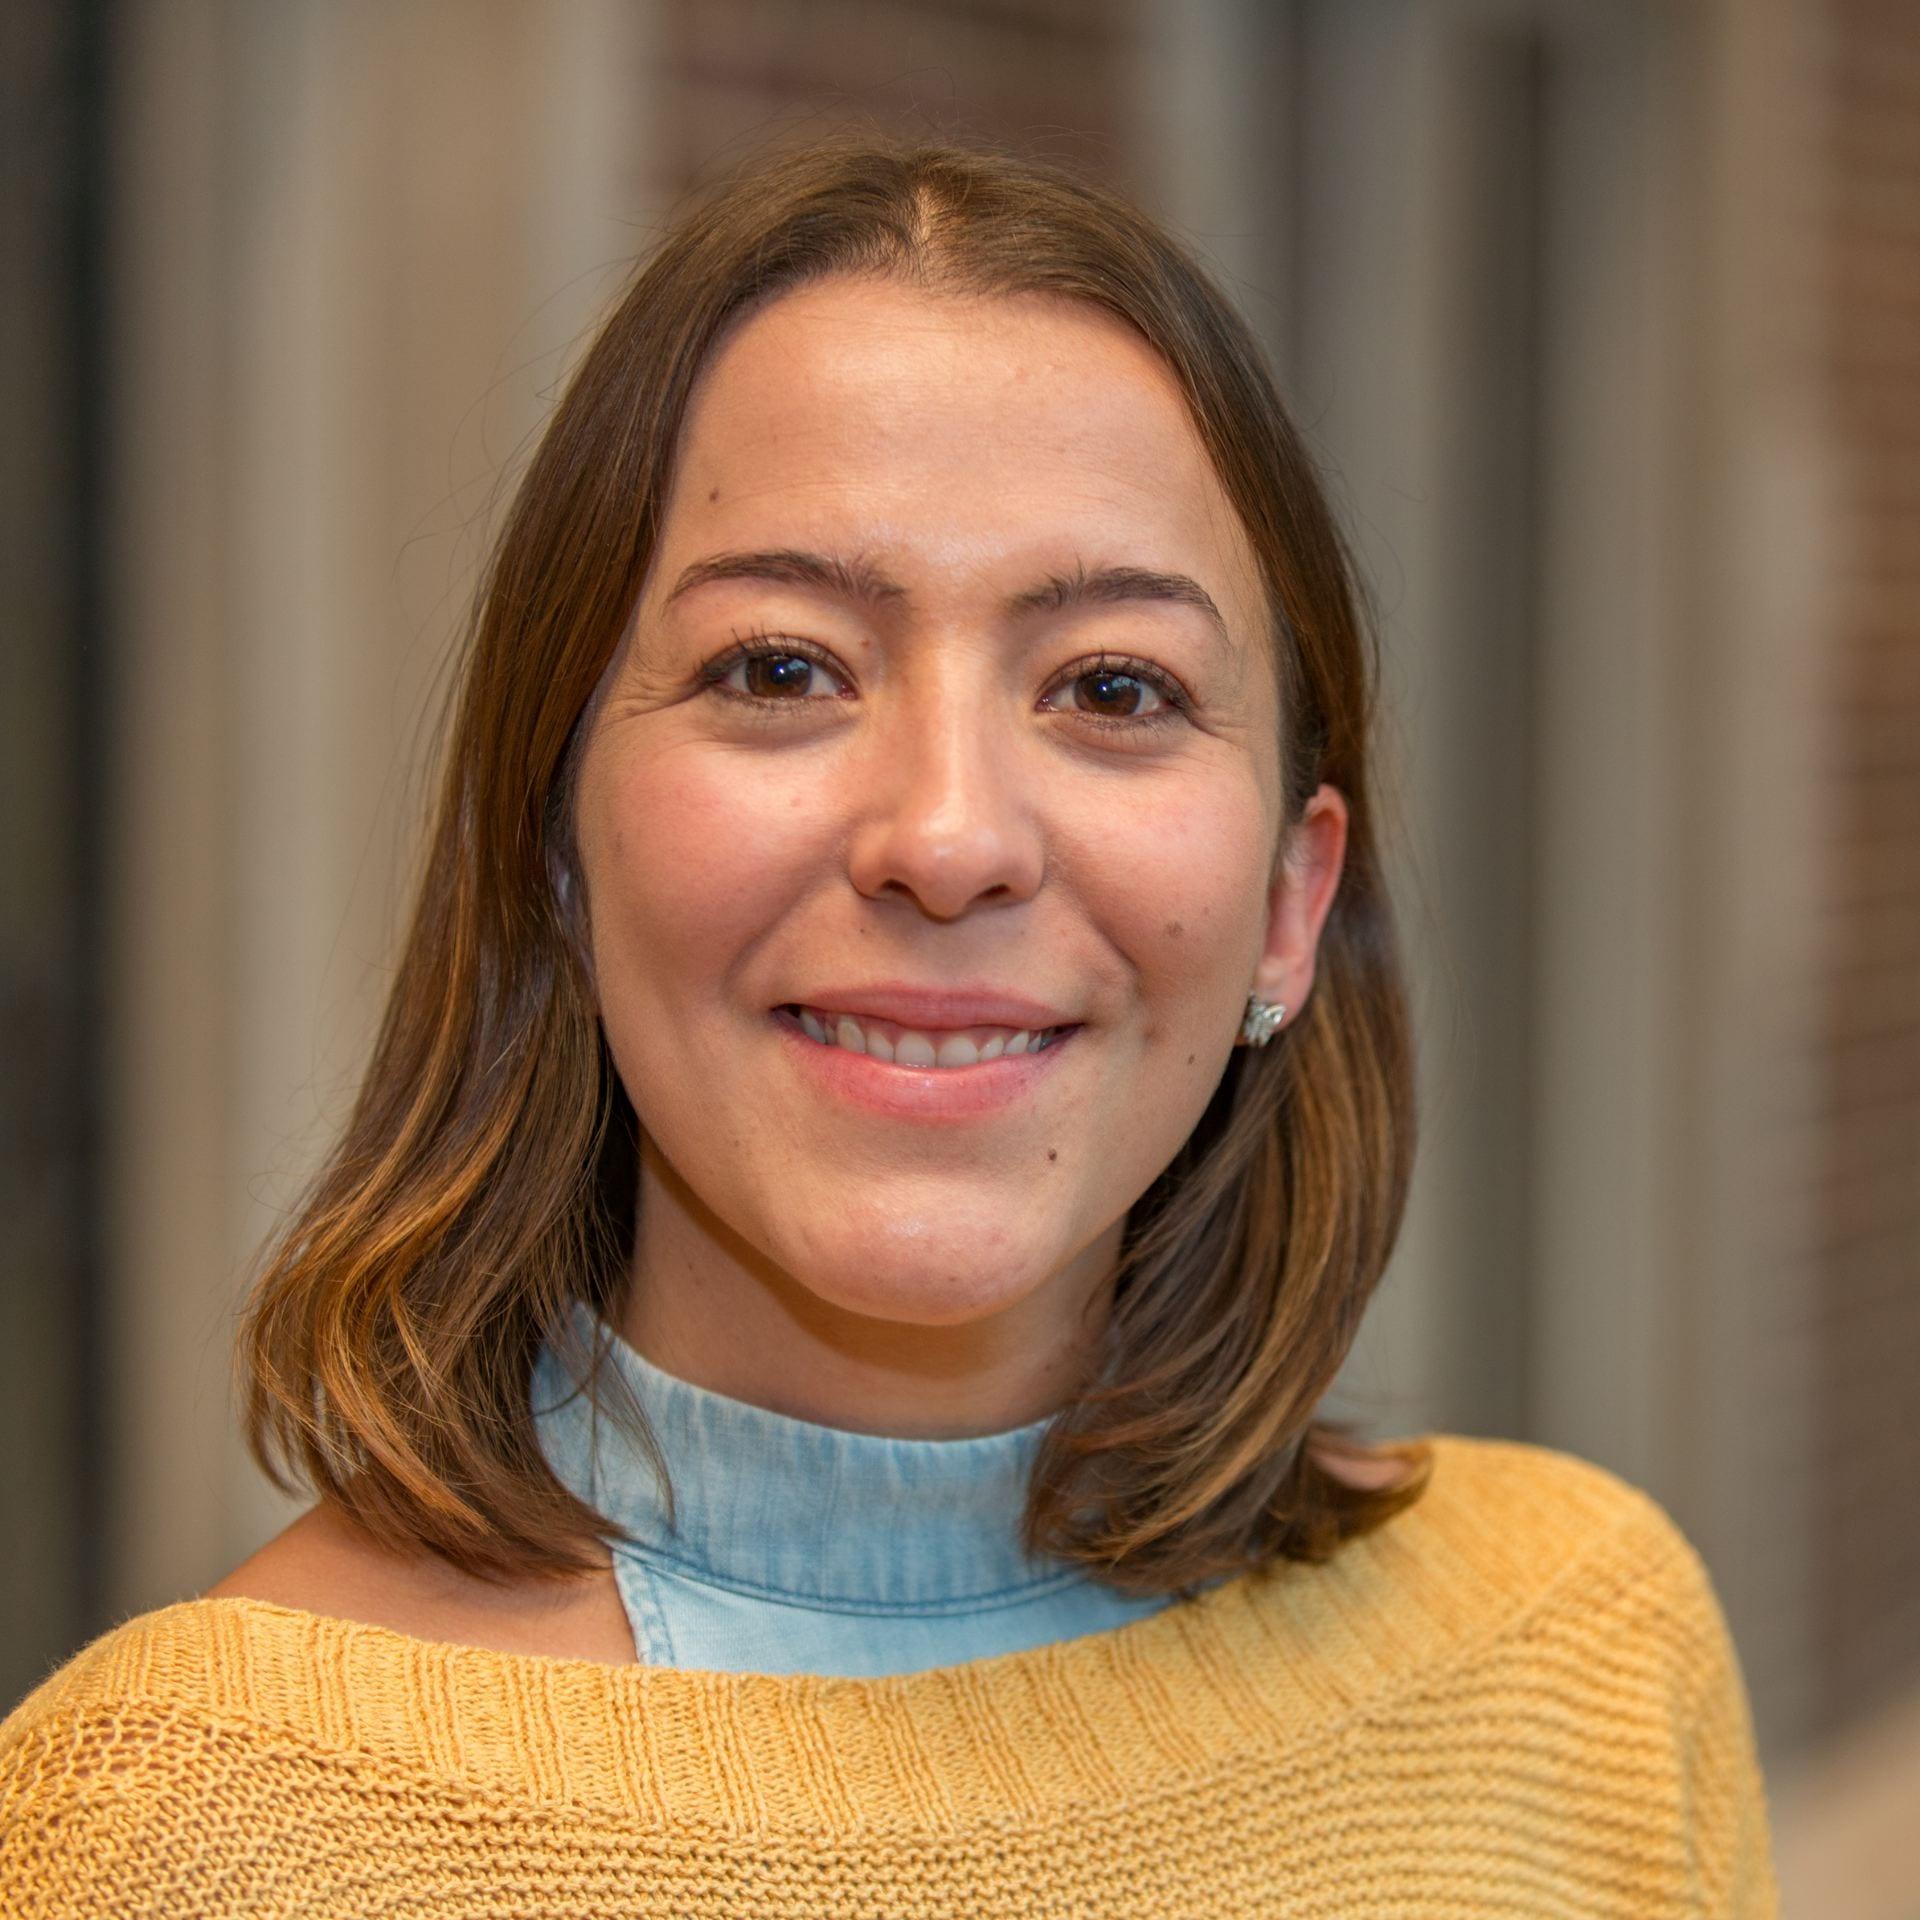 Inés Escobar González